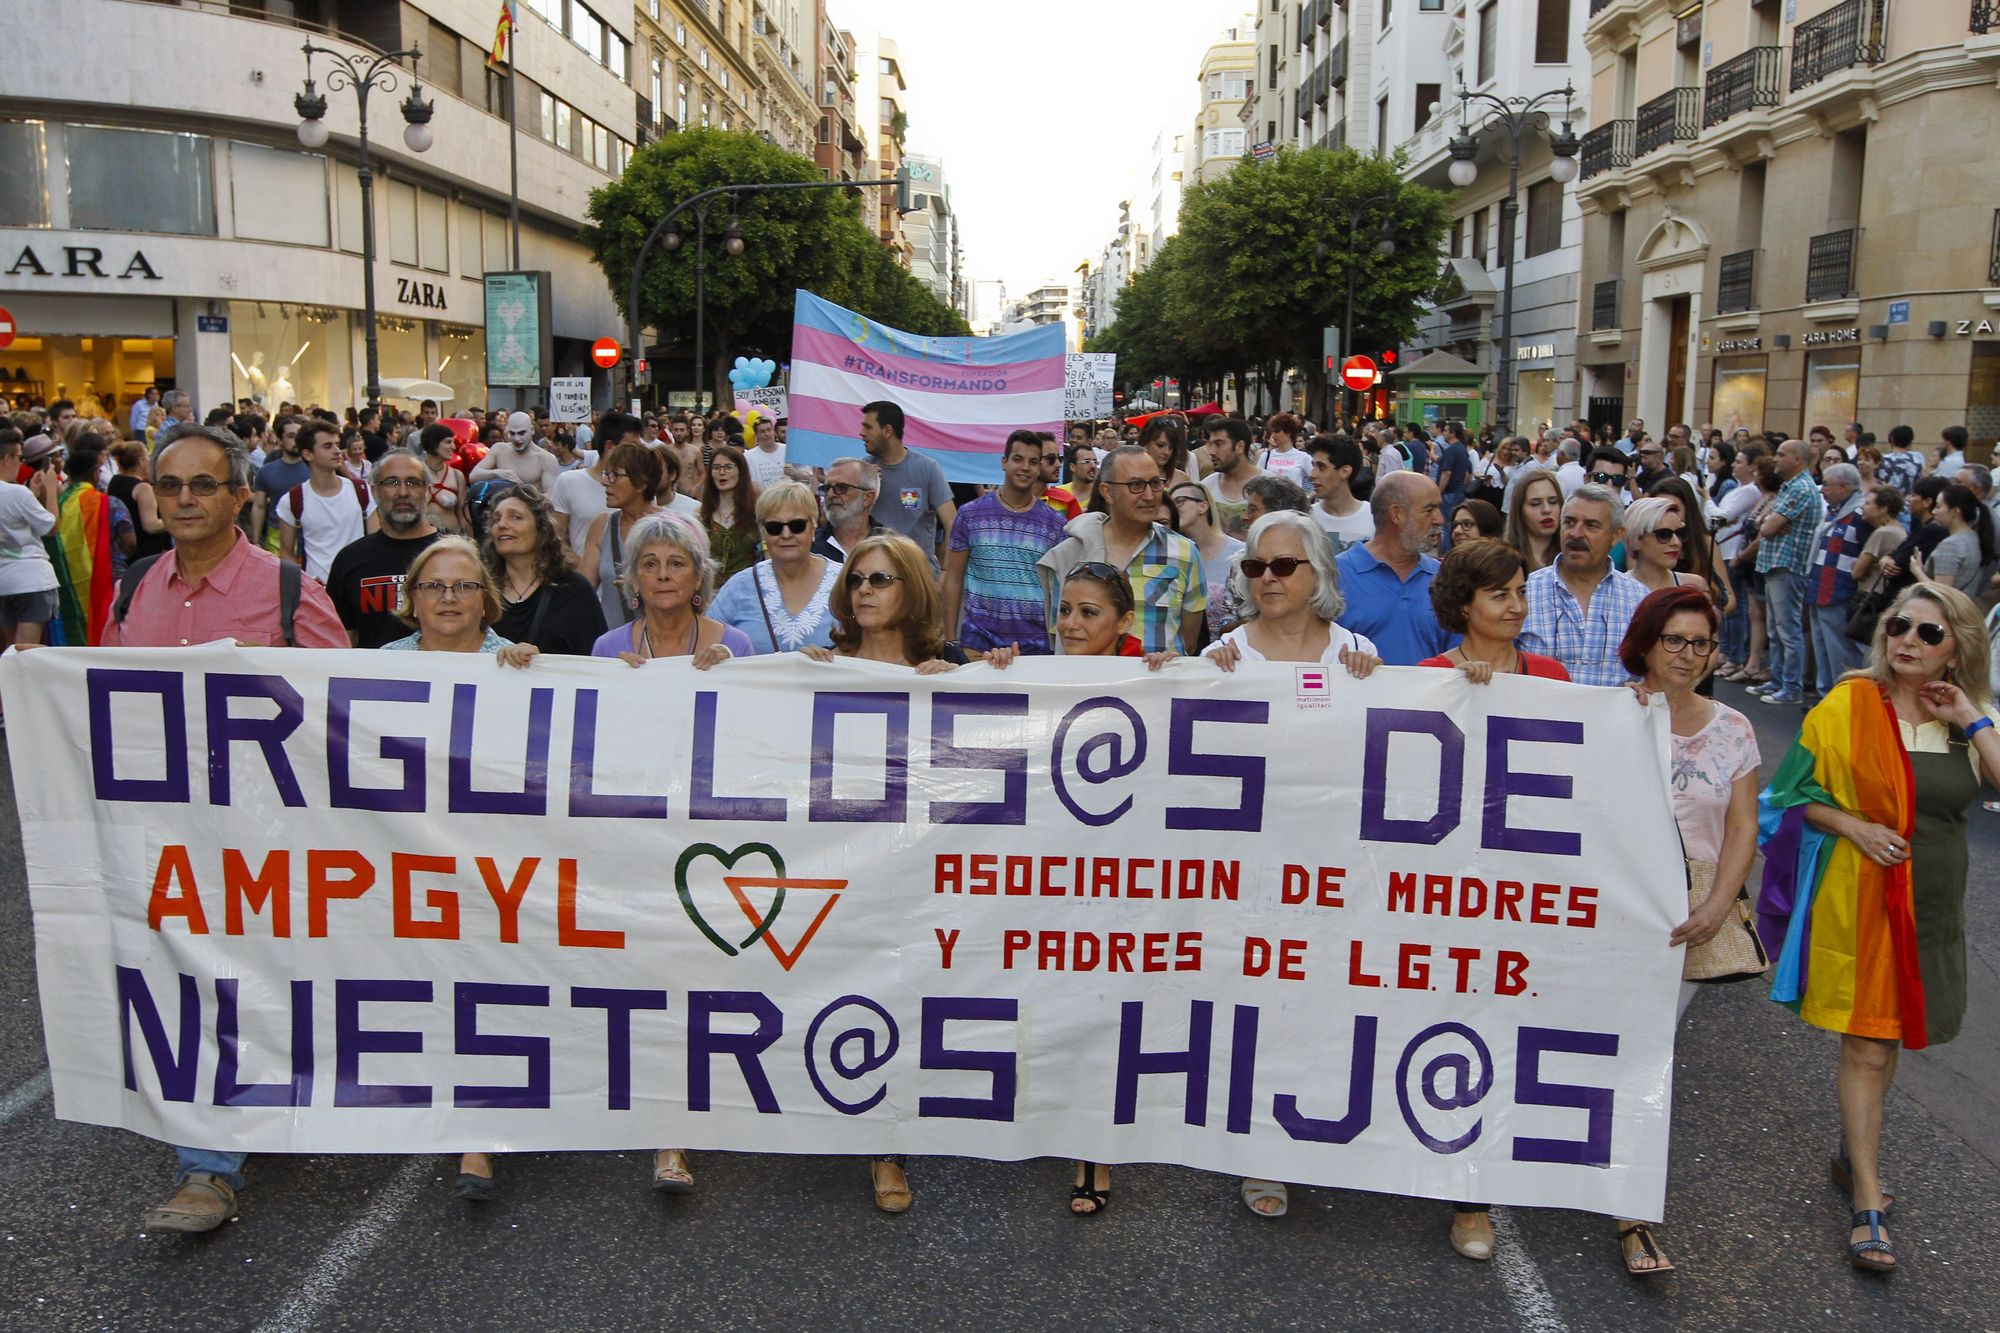 Imágenes del Orgullo de 2016, con la presencia de Pedro Sánchez